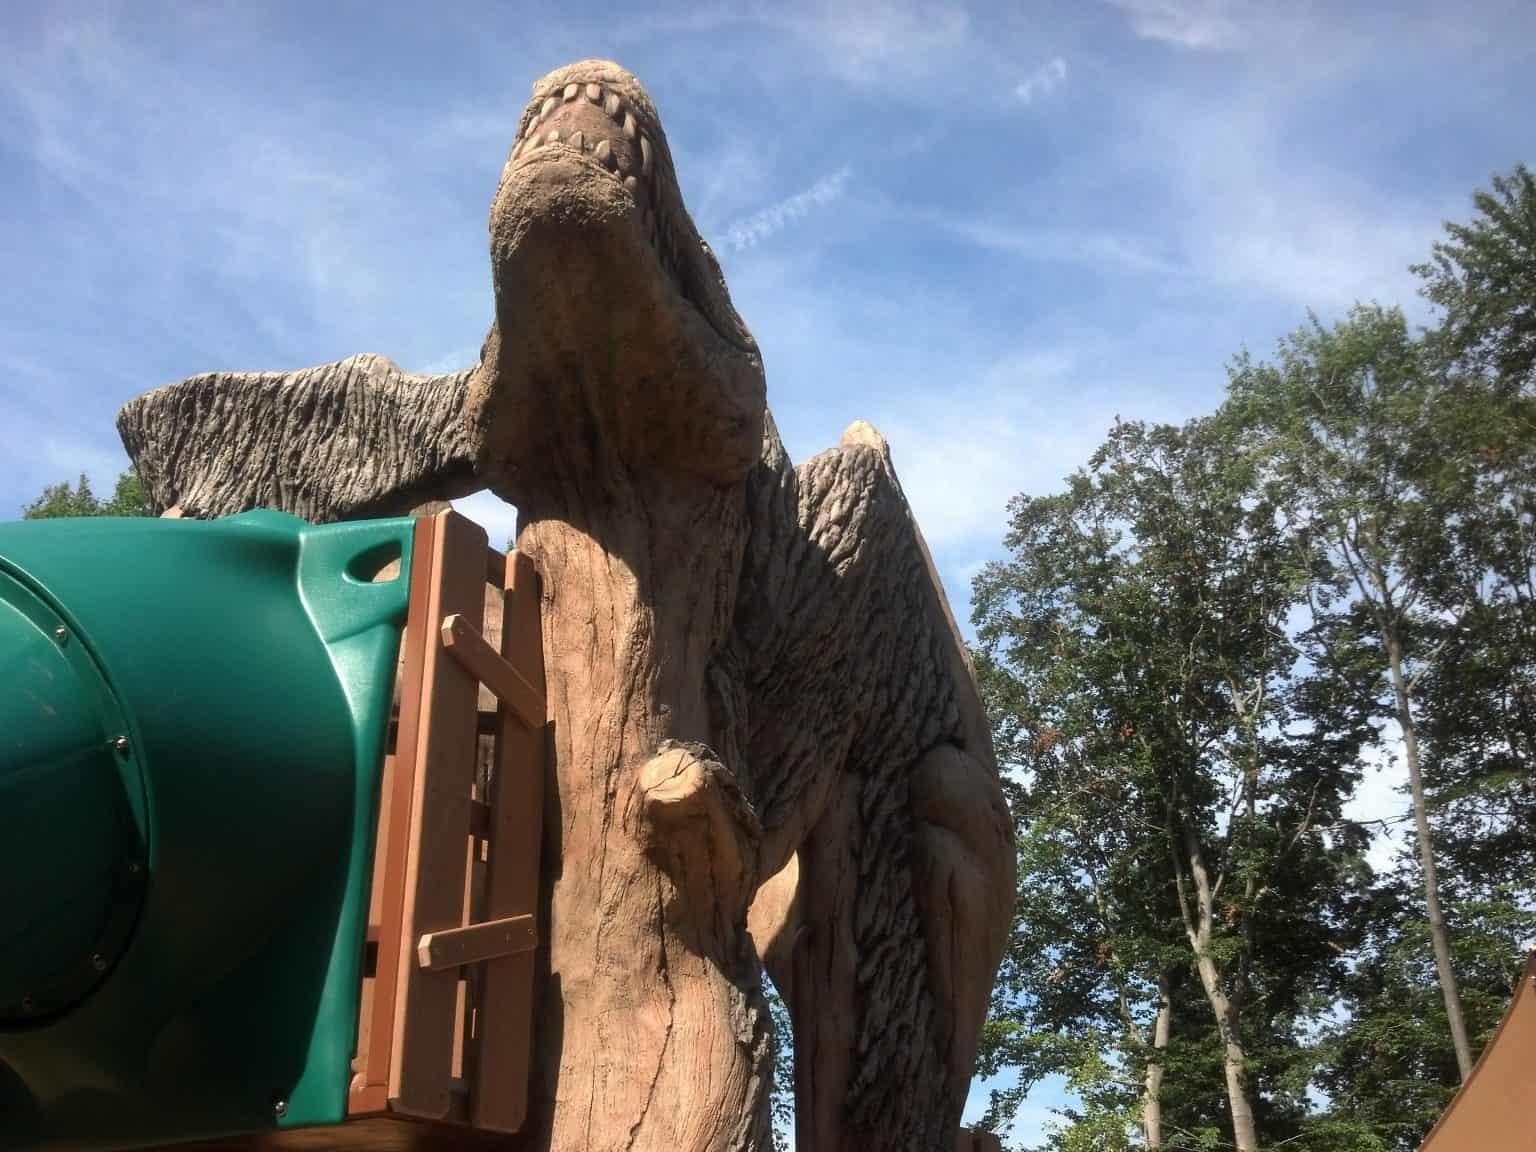 turtle-back-zoo-playground-west-orange-nj_11519177324_o-1536x1152